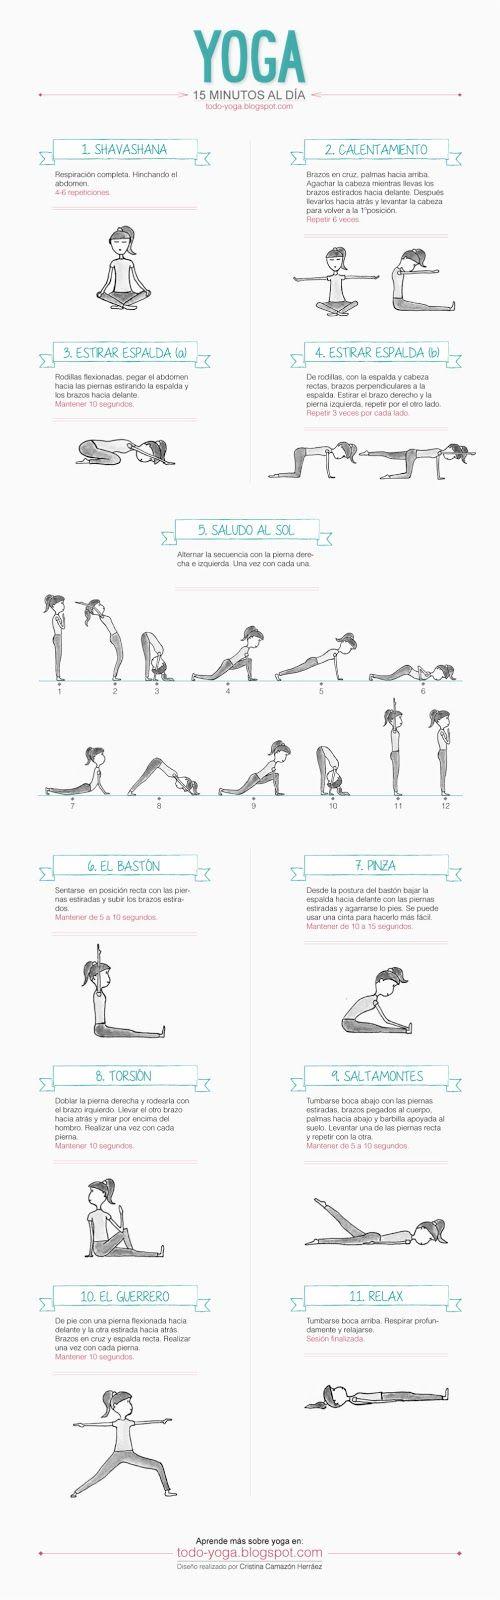 Todo Yoga: Infografia 15 minutos de Yoga al día